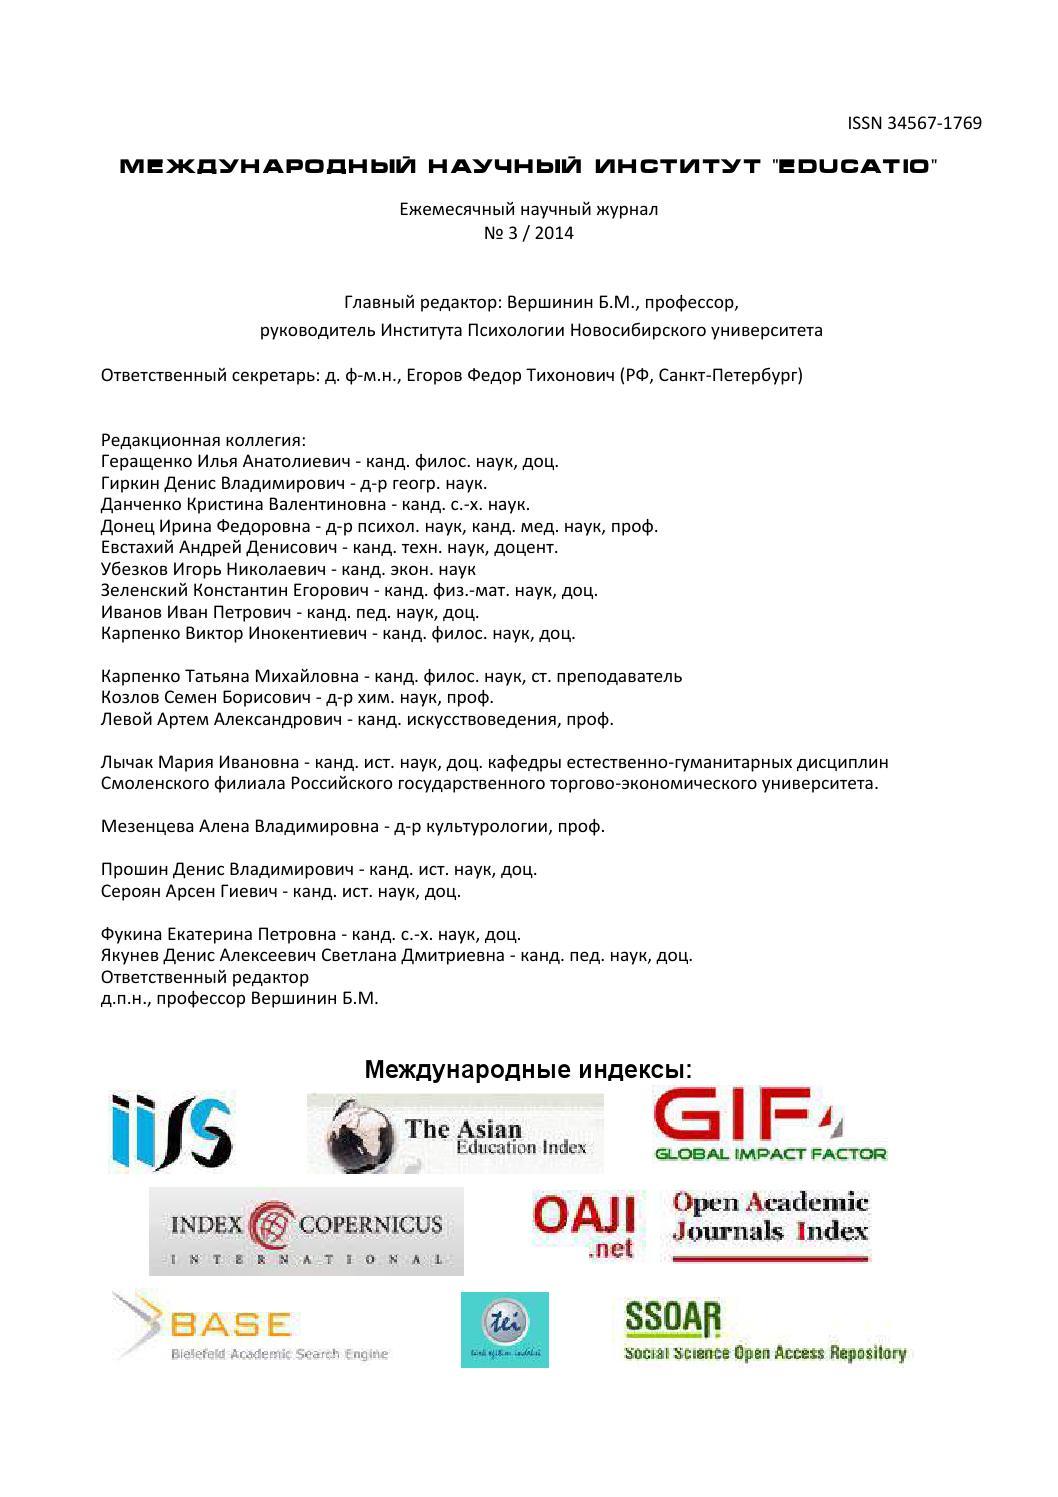 Сертификат соответствия гост р № росс ru.сл5 сертификация понятие и история